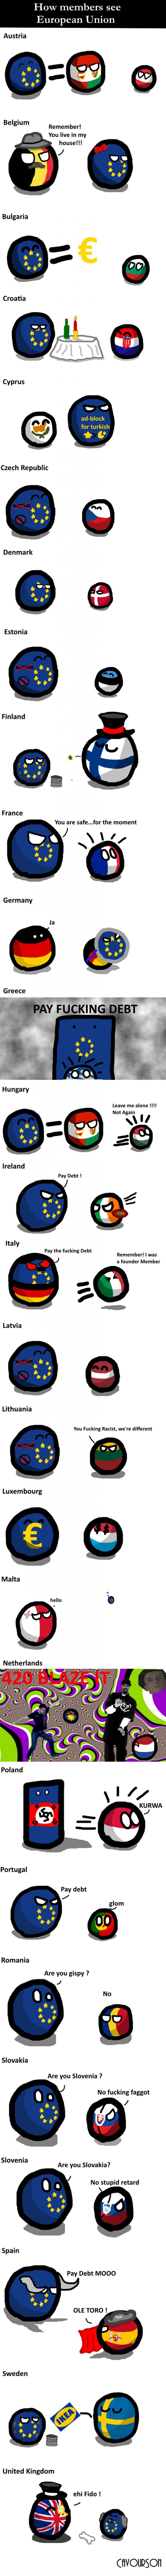 Europa aus der Sicht der Mitglieder